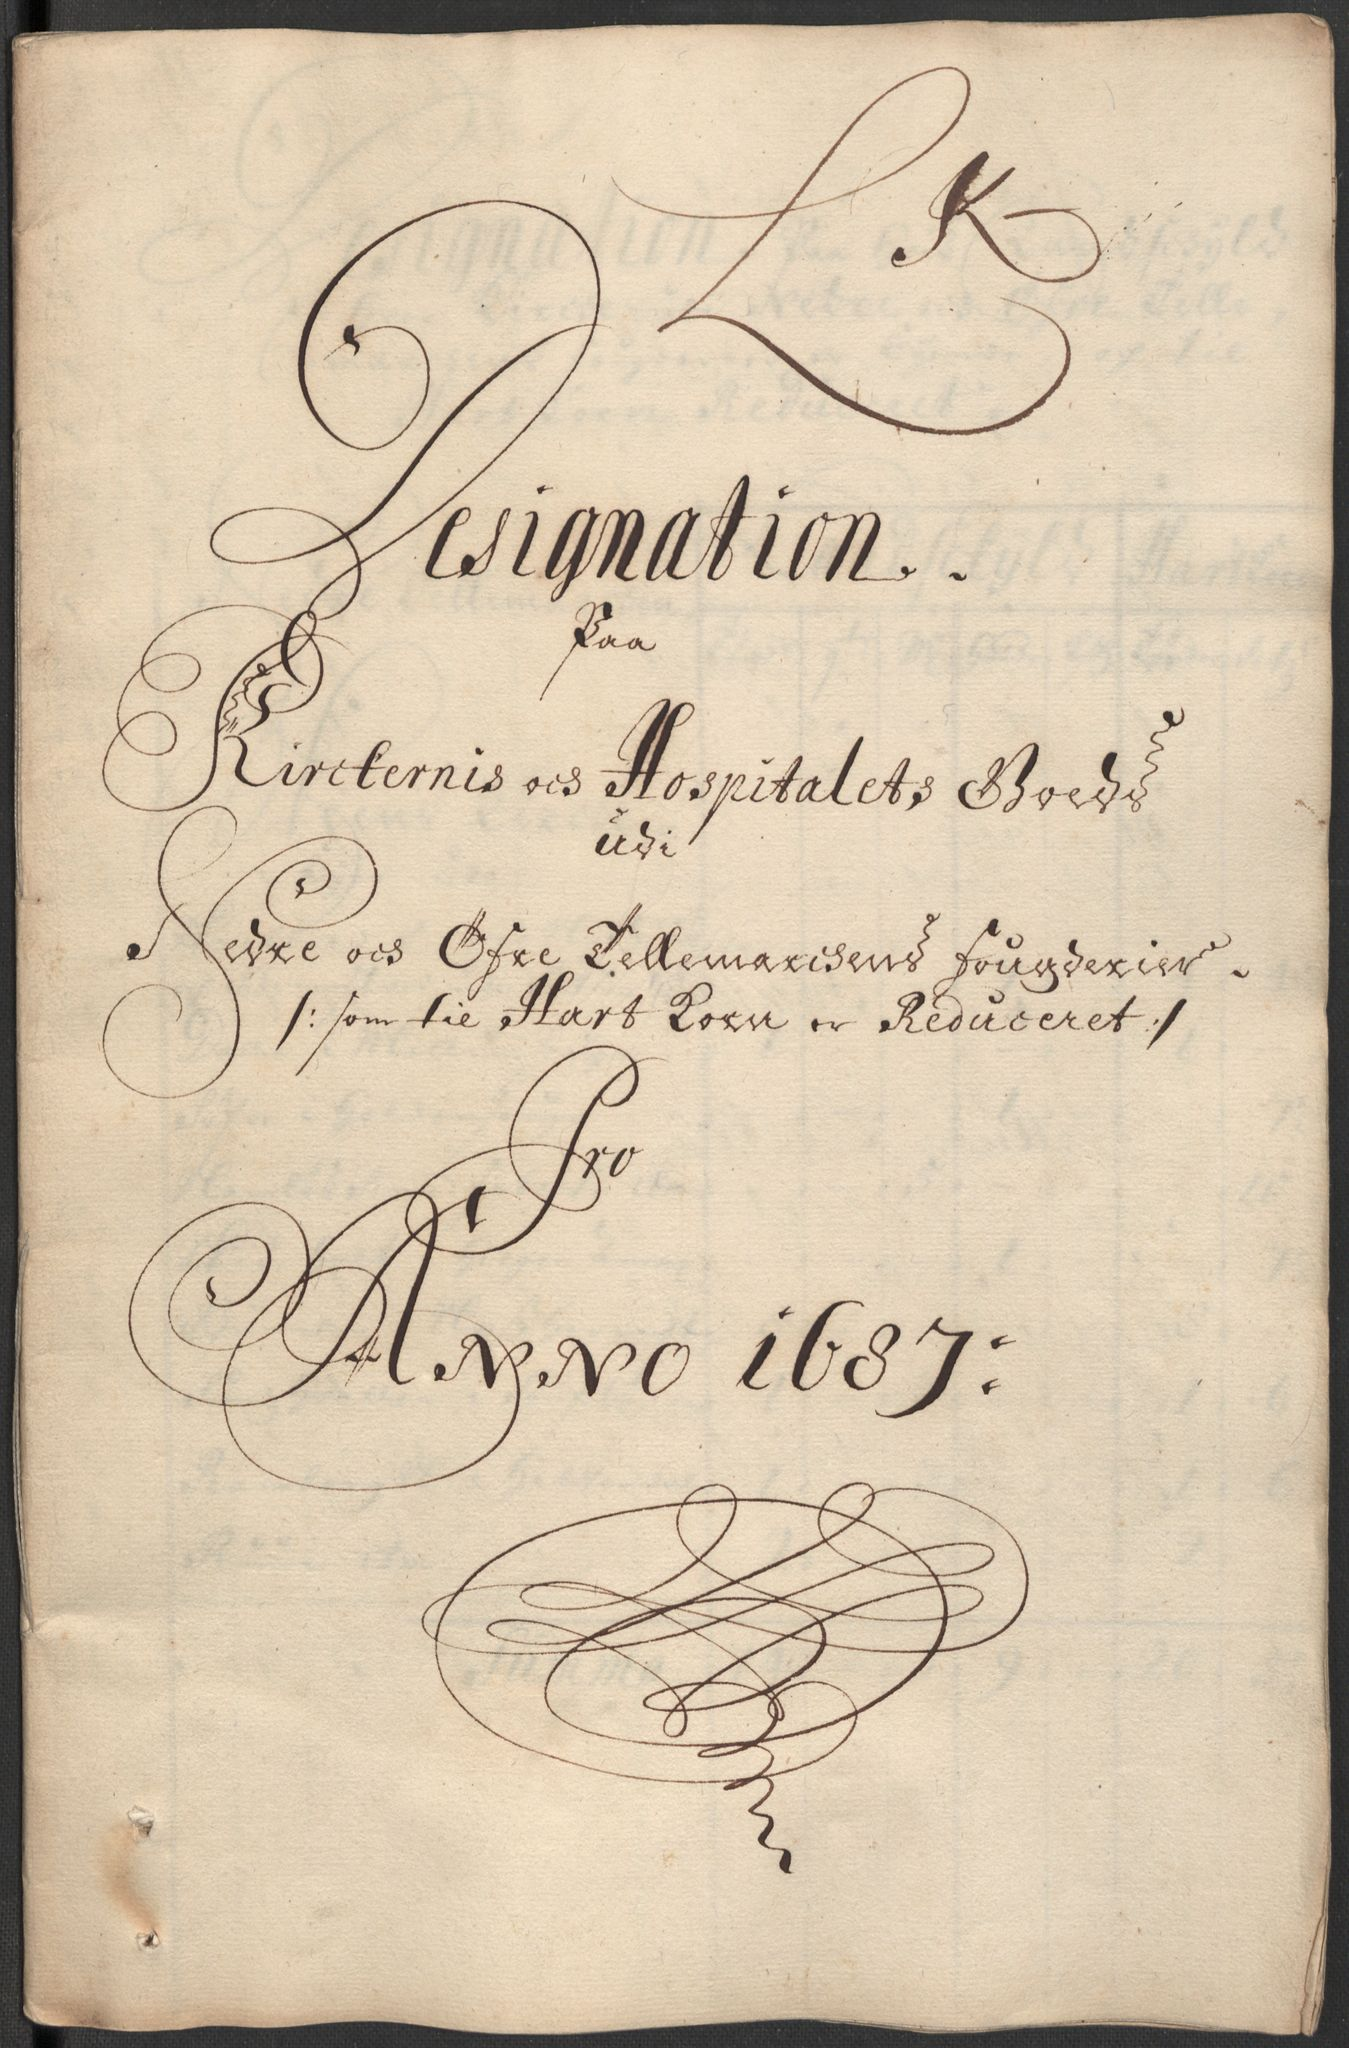 RA, Rentekammeret inntil 1814, Reviderte regnskaper, Fogderegnskap, R35/L2086: Fogderegnskap Øvre og Nedre Telemark, 1687-1689, s. 165